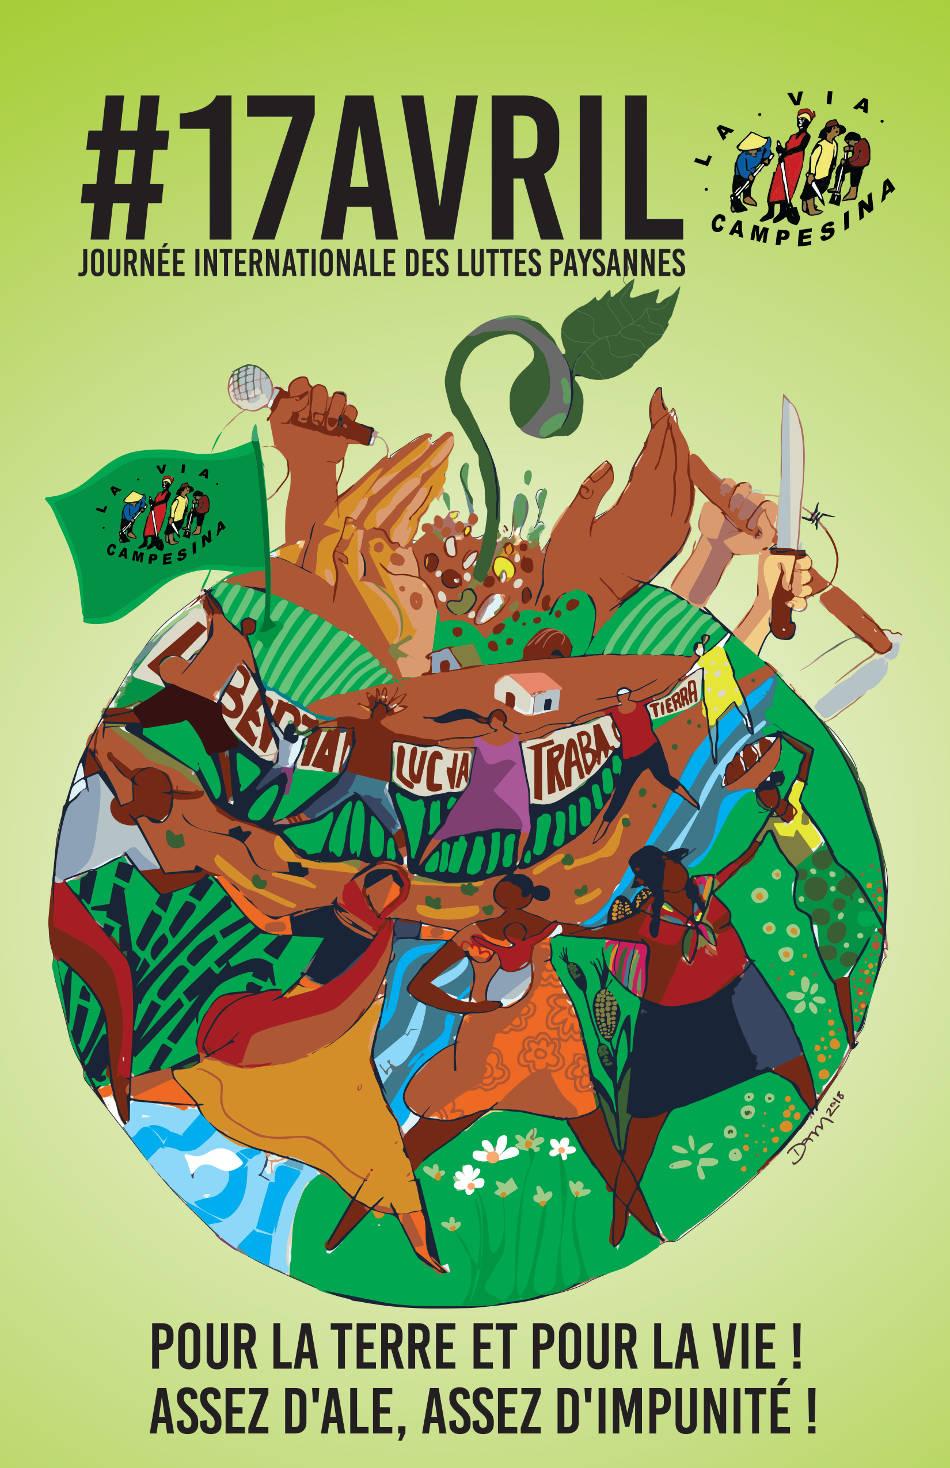 Journée Internationale des Luttes Paysannes 2018 : Appel de La Vía Campesina pour des actions unitaires décentralisées !